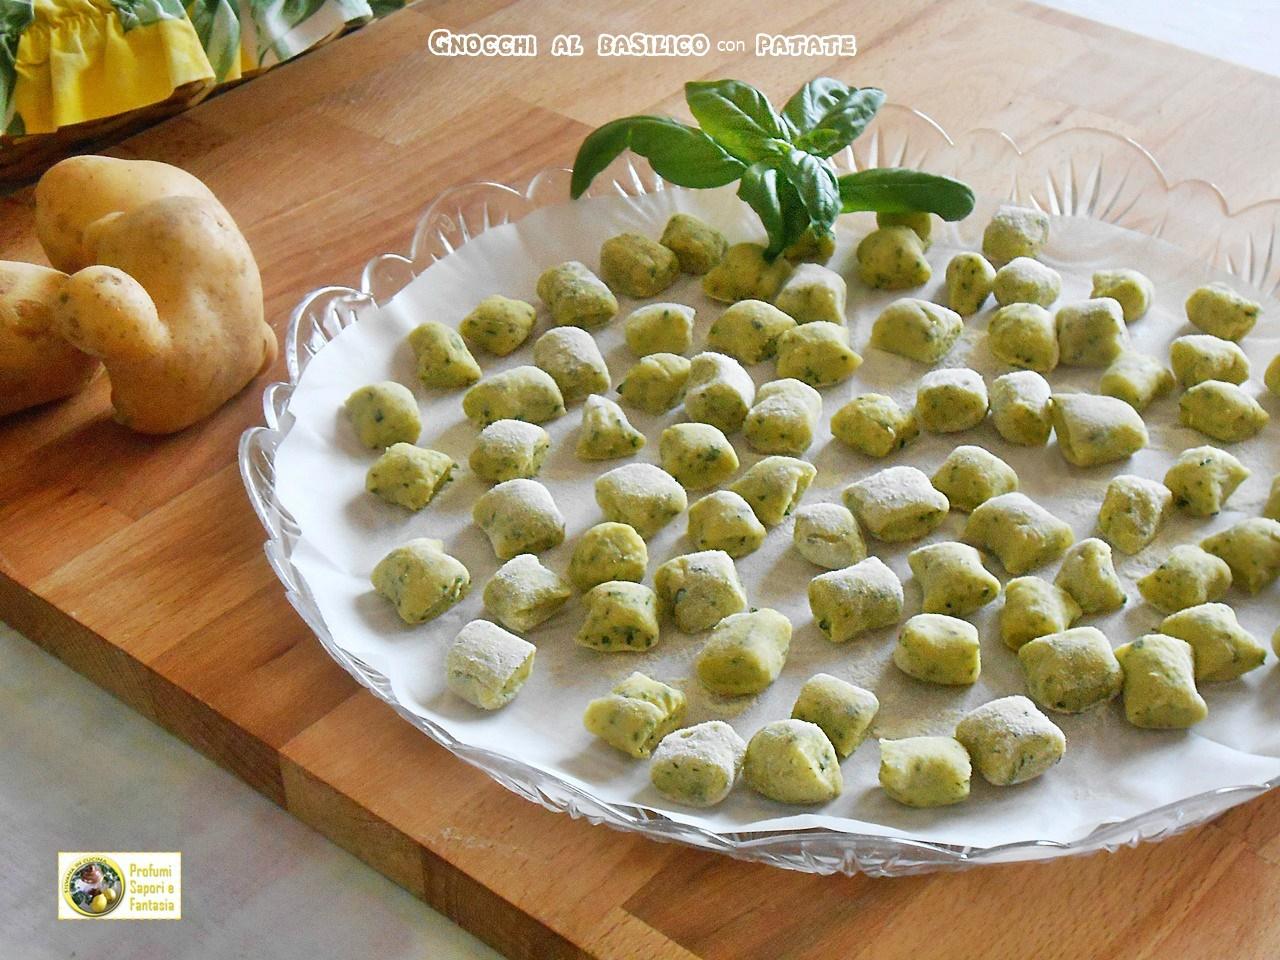 Gnocchi al basilico con patate